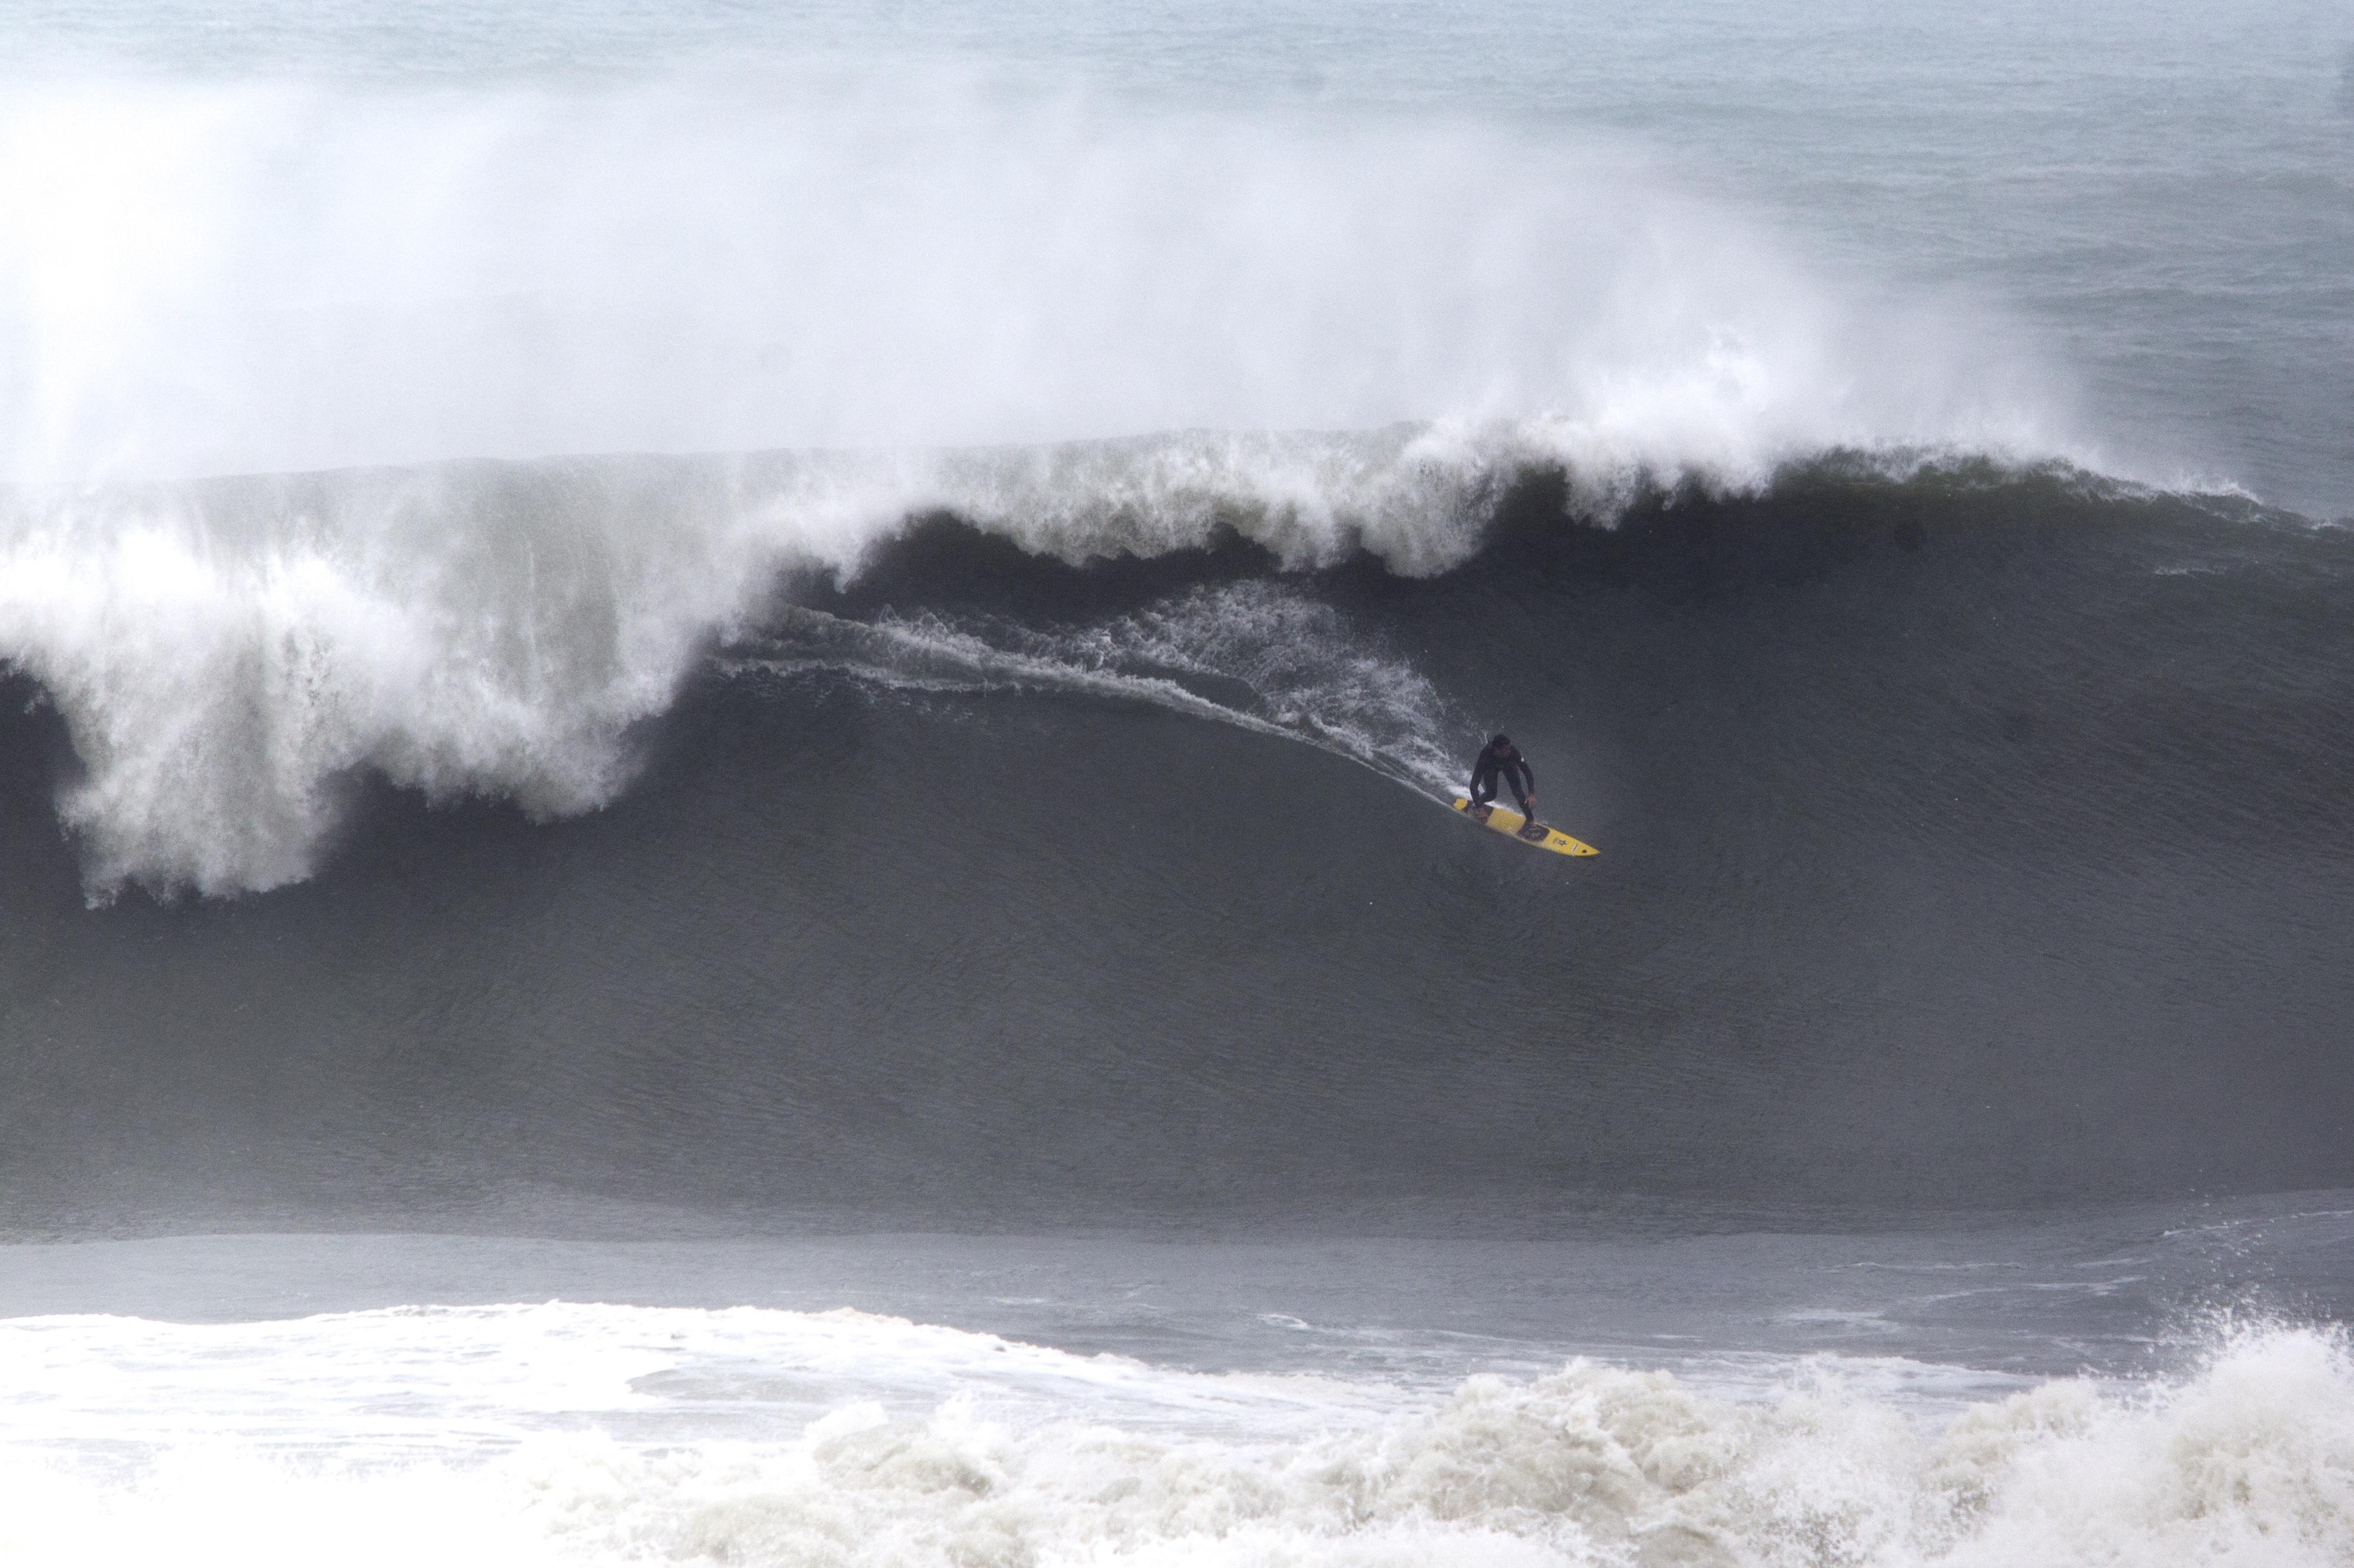 Samuel e os amigos de Criciúma saíram de Criciúma para surfar na Joaca - Flávio Tin/ND